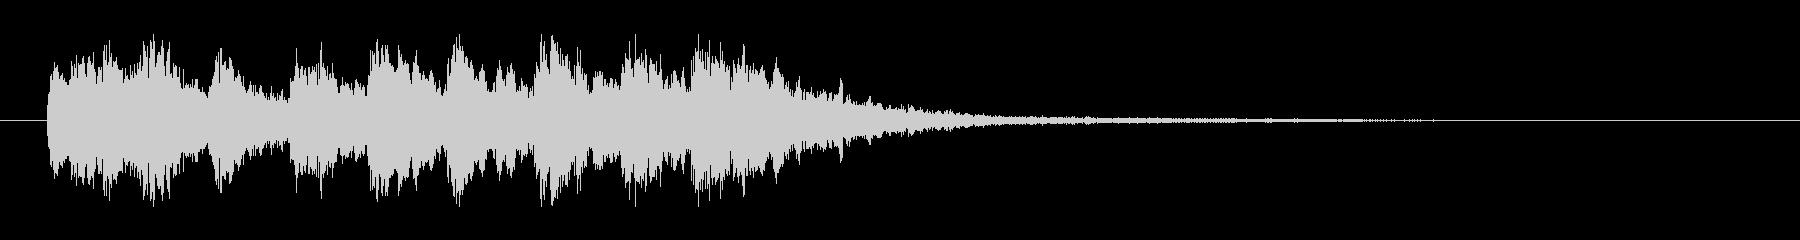 クイズ等で「不正解!」の定番効果音-2の未再生の波形